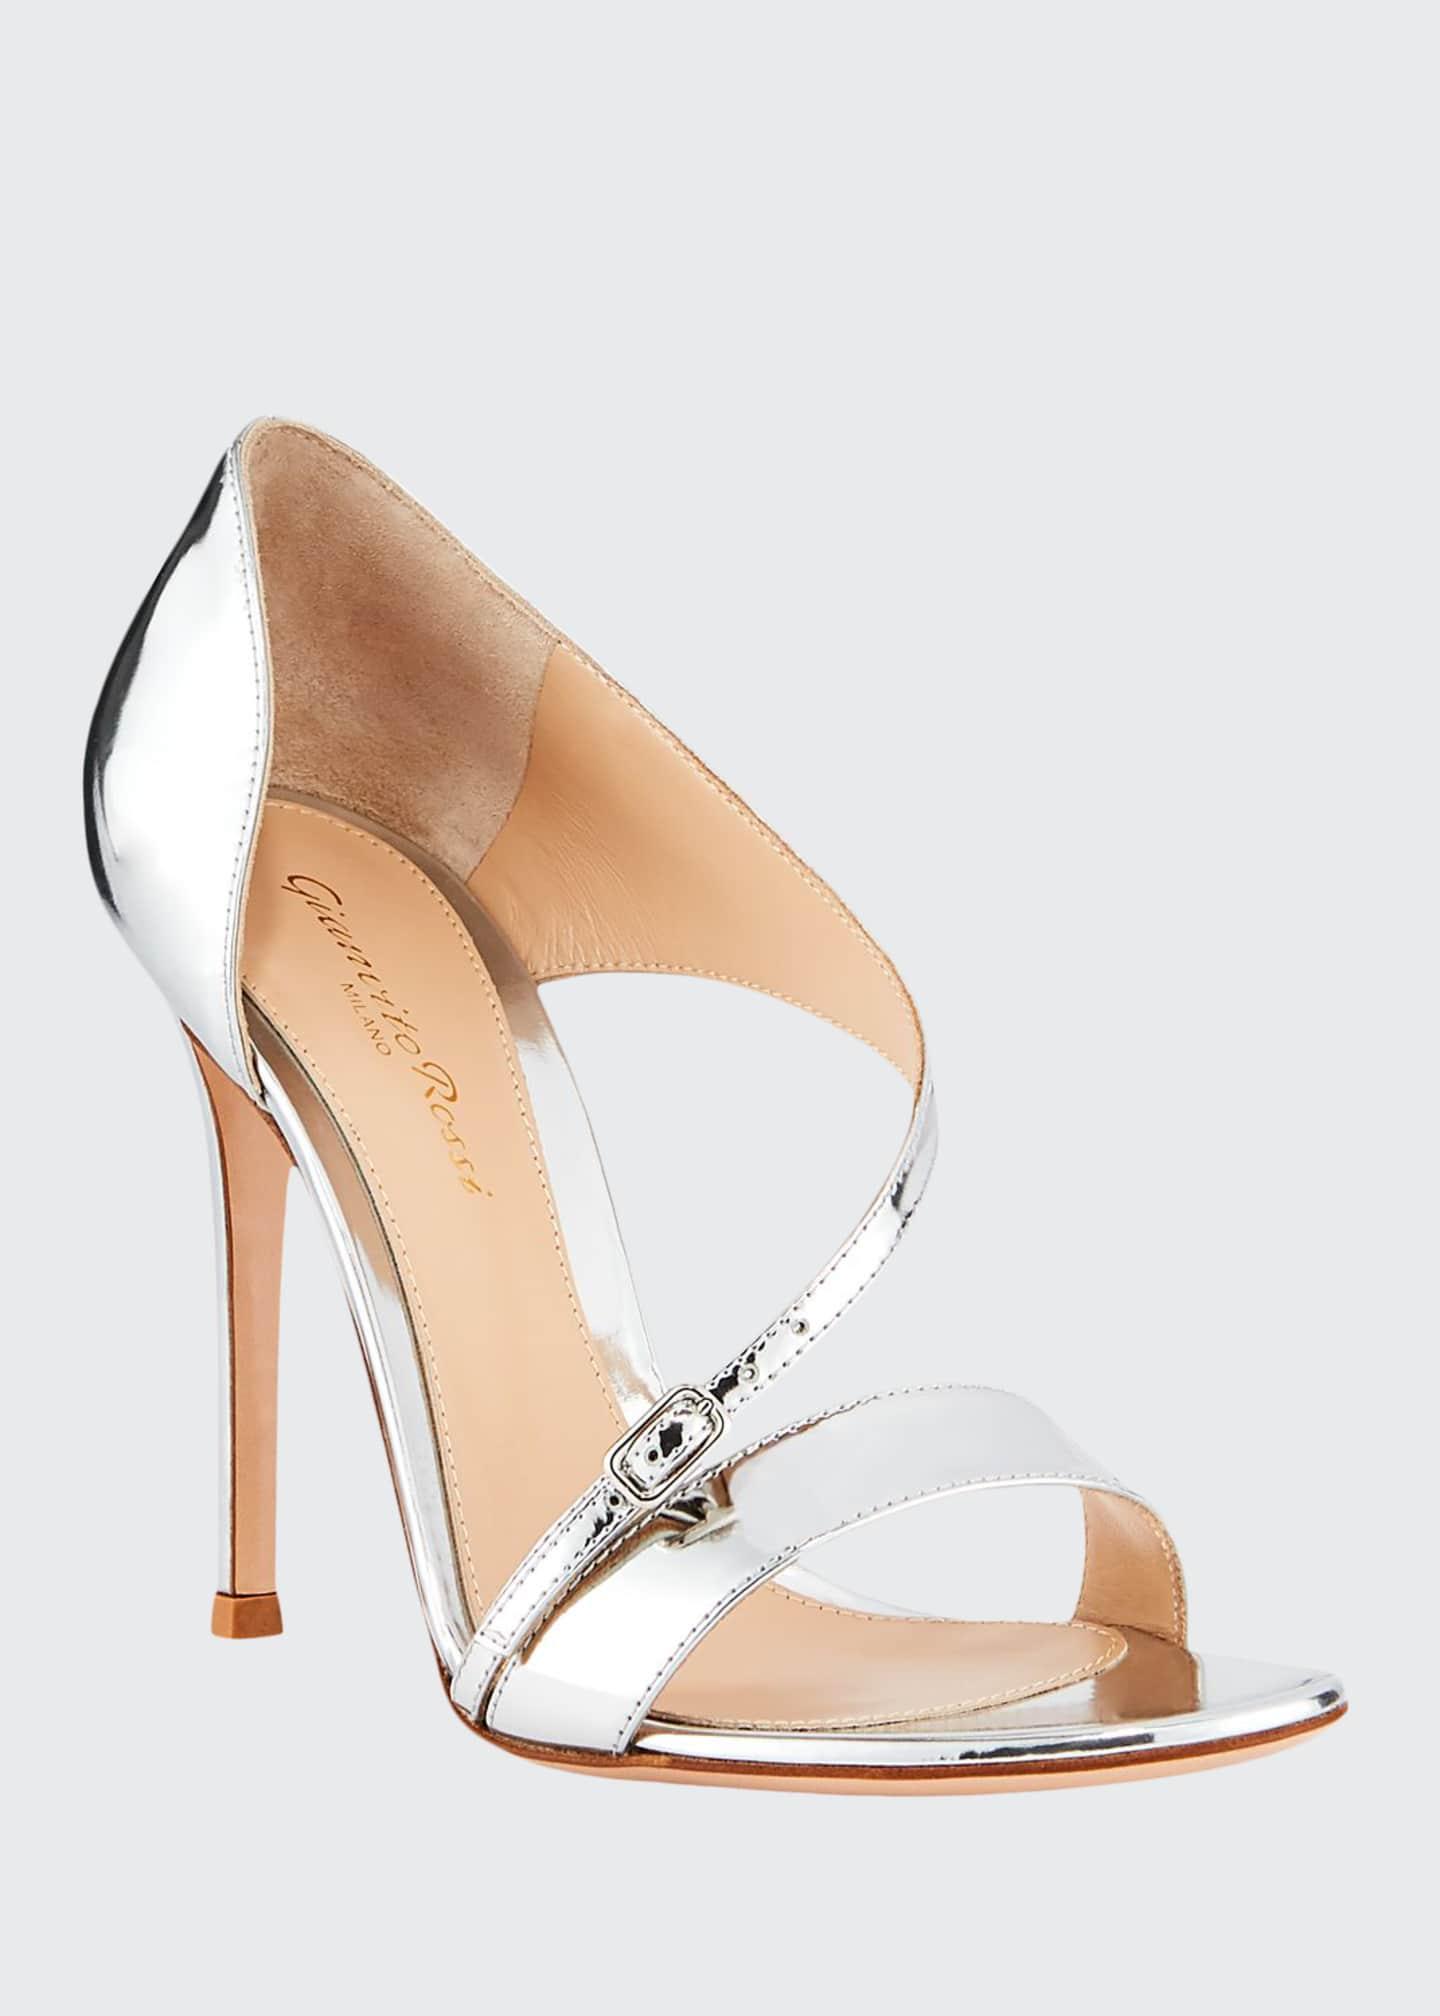 Gianvito Rossi Metallic Cross-Strap Sandals, Silver